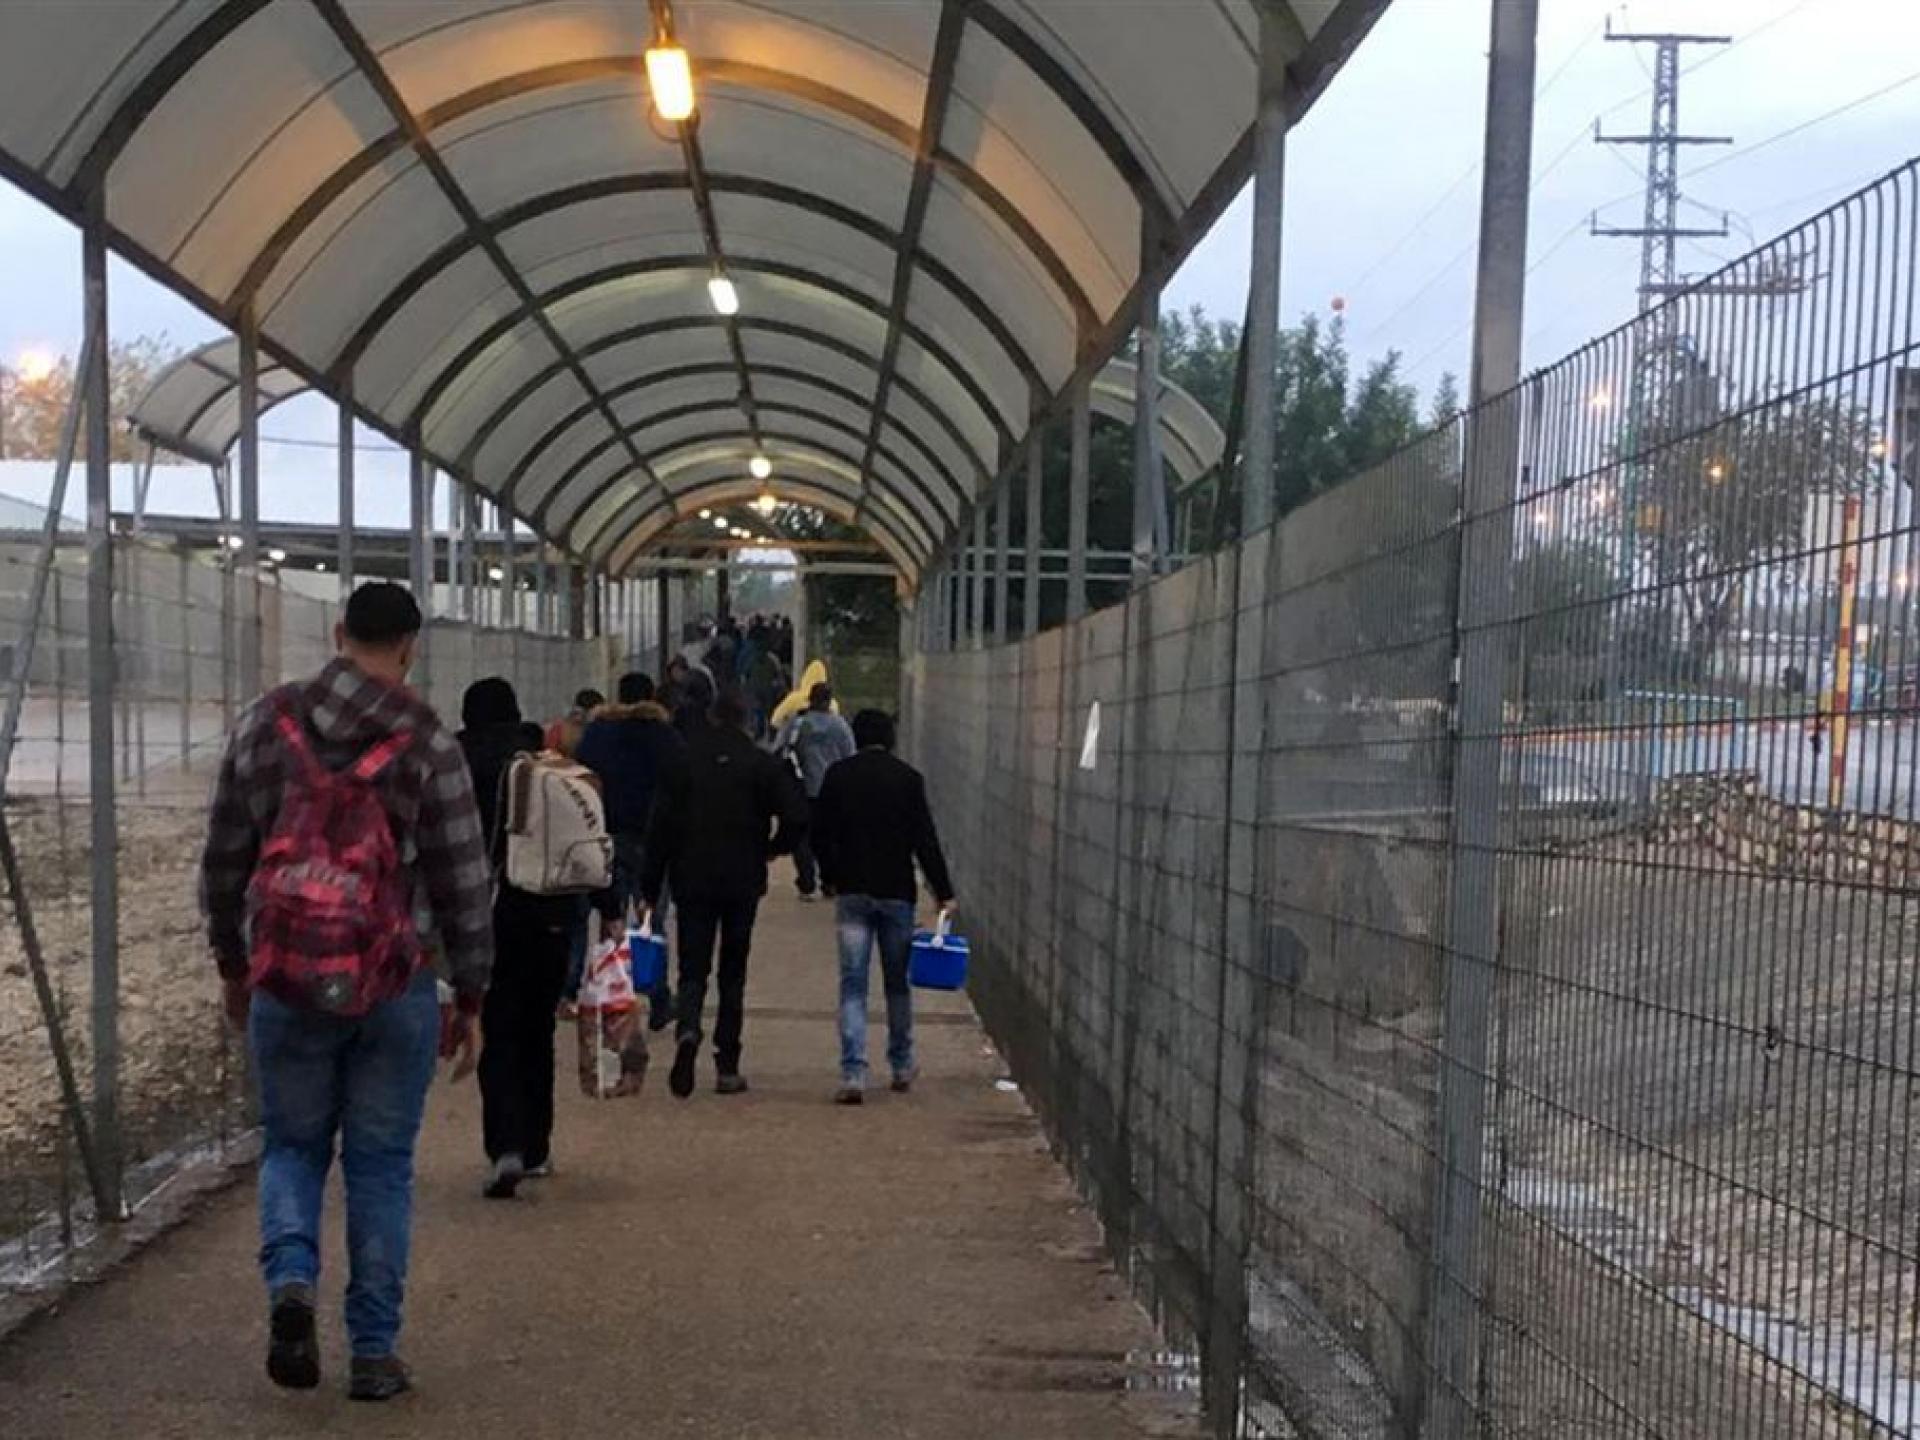 מחסום ג'למה: בדרך לעבודה בישראל